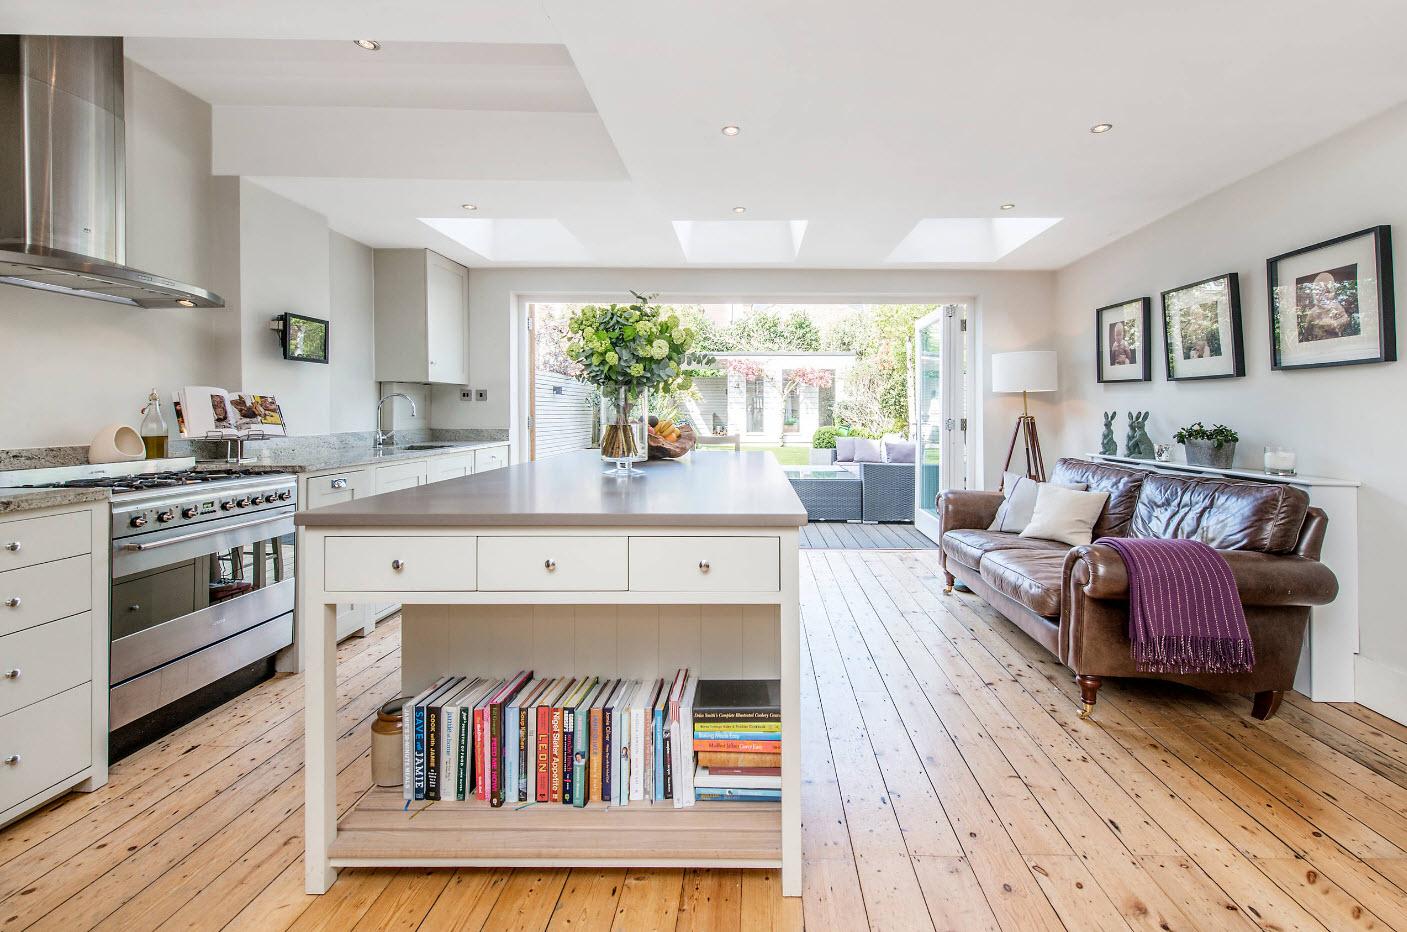 Кожаный диван в кухонном помещении